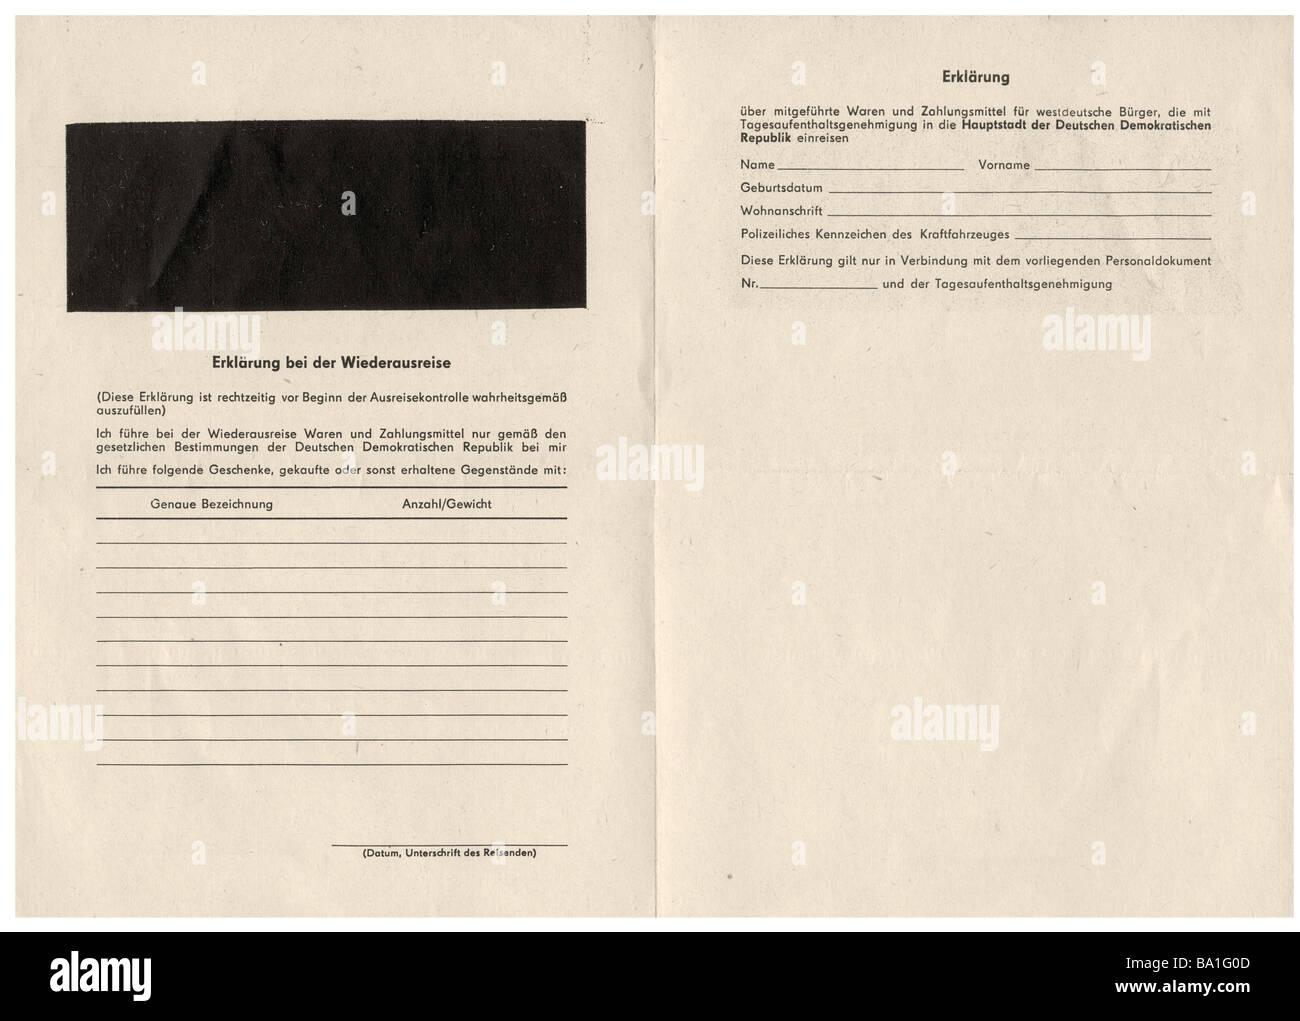 Geografia / viaggi, Germania, Germania orientale, dokuments, dichiarazione per la ri-uscire dalla Repubblica Democratica Immagini Stock